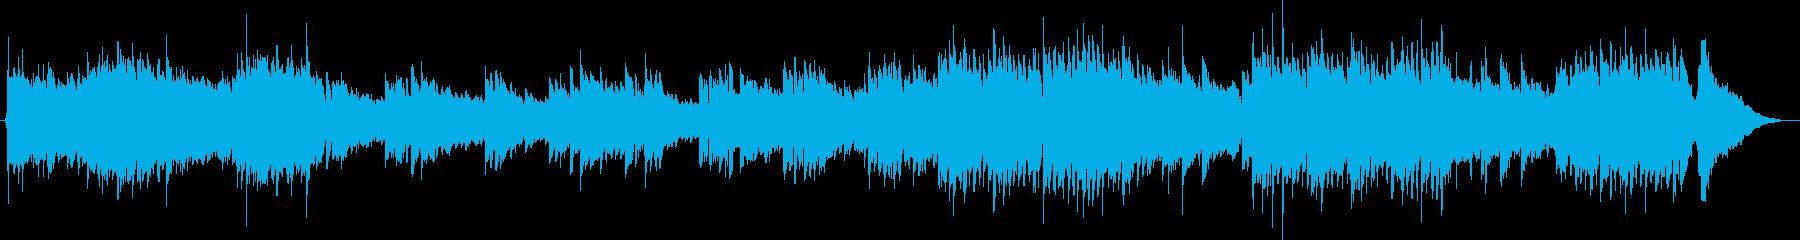 切ないアコースティックバラードの再生済みの波形